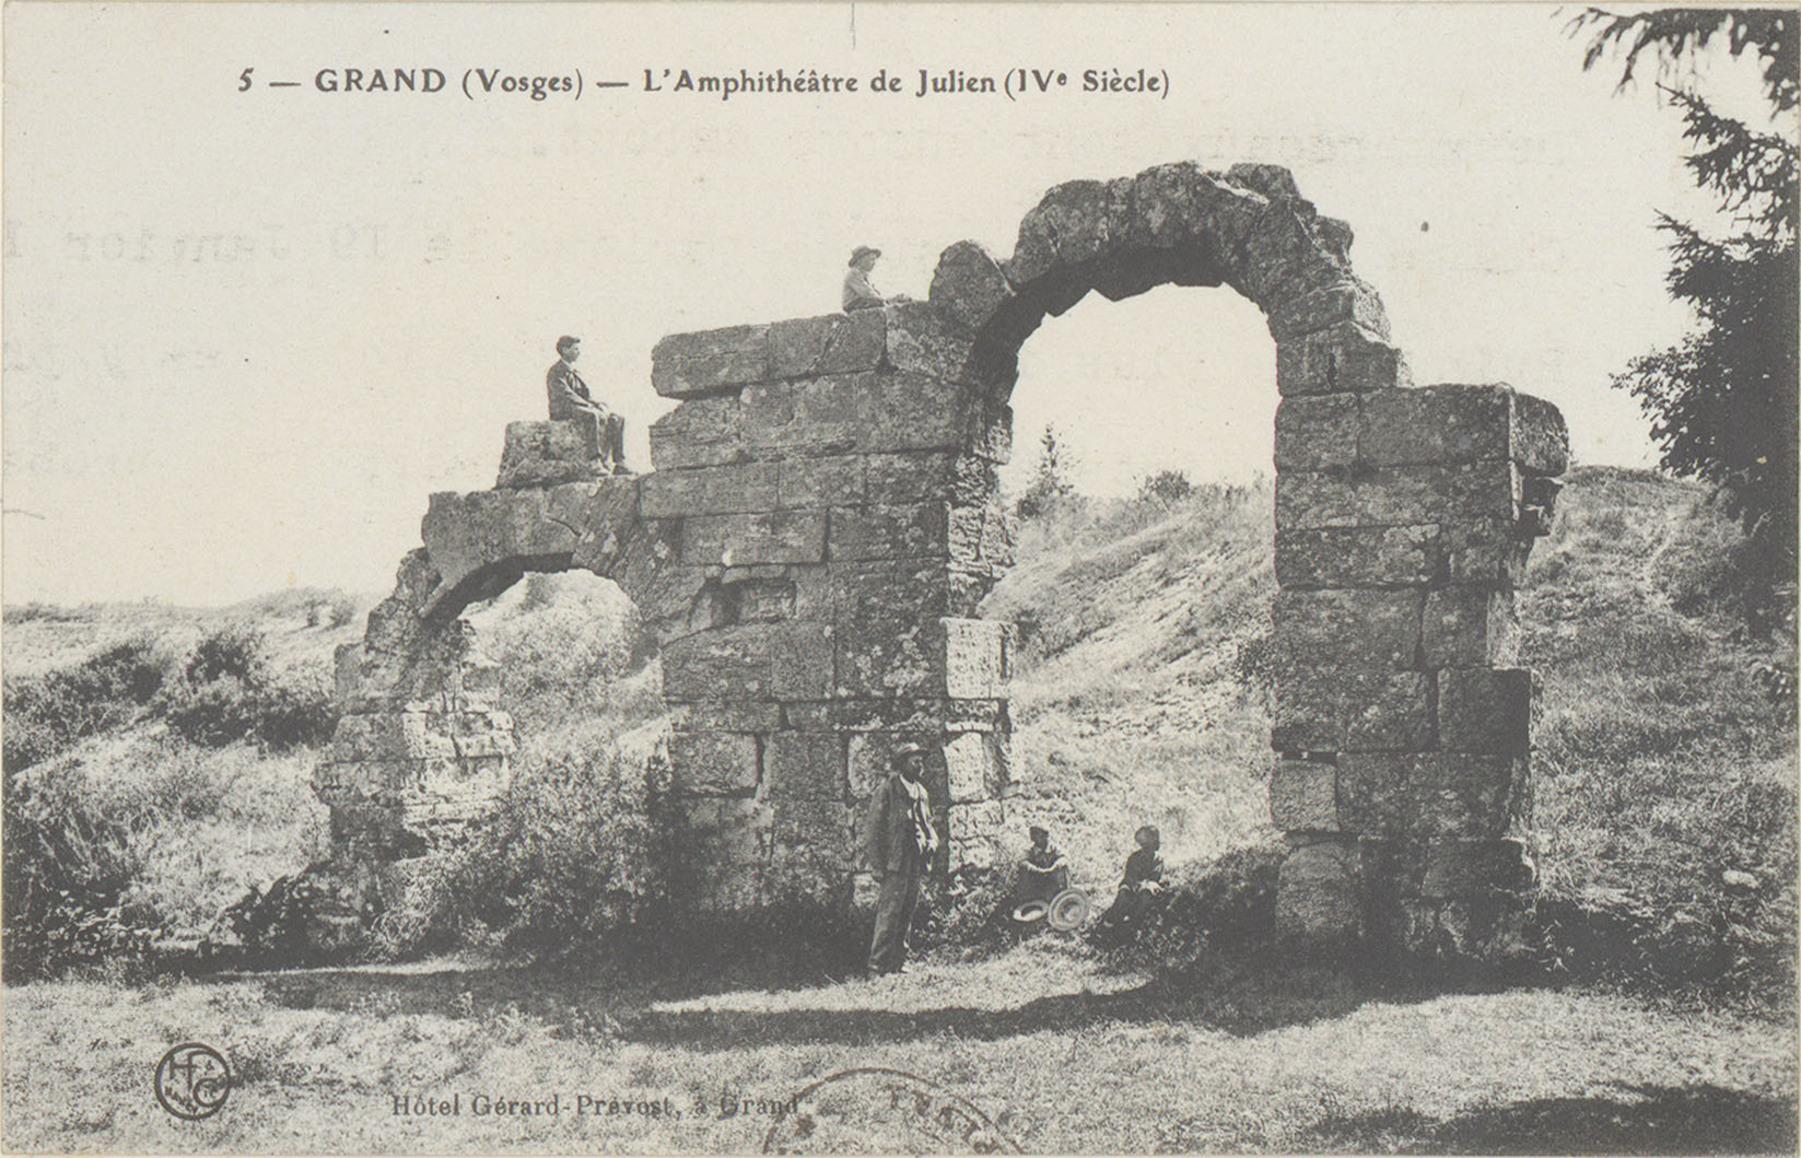 Contenu du Grand (Vosges), L'Amphithéâtre de Julien